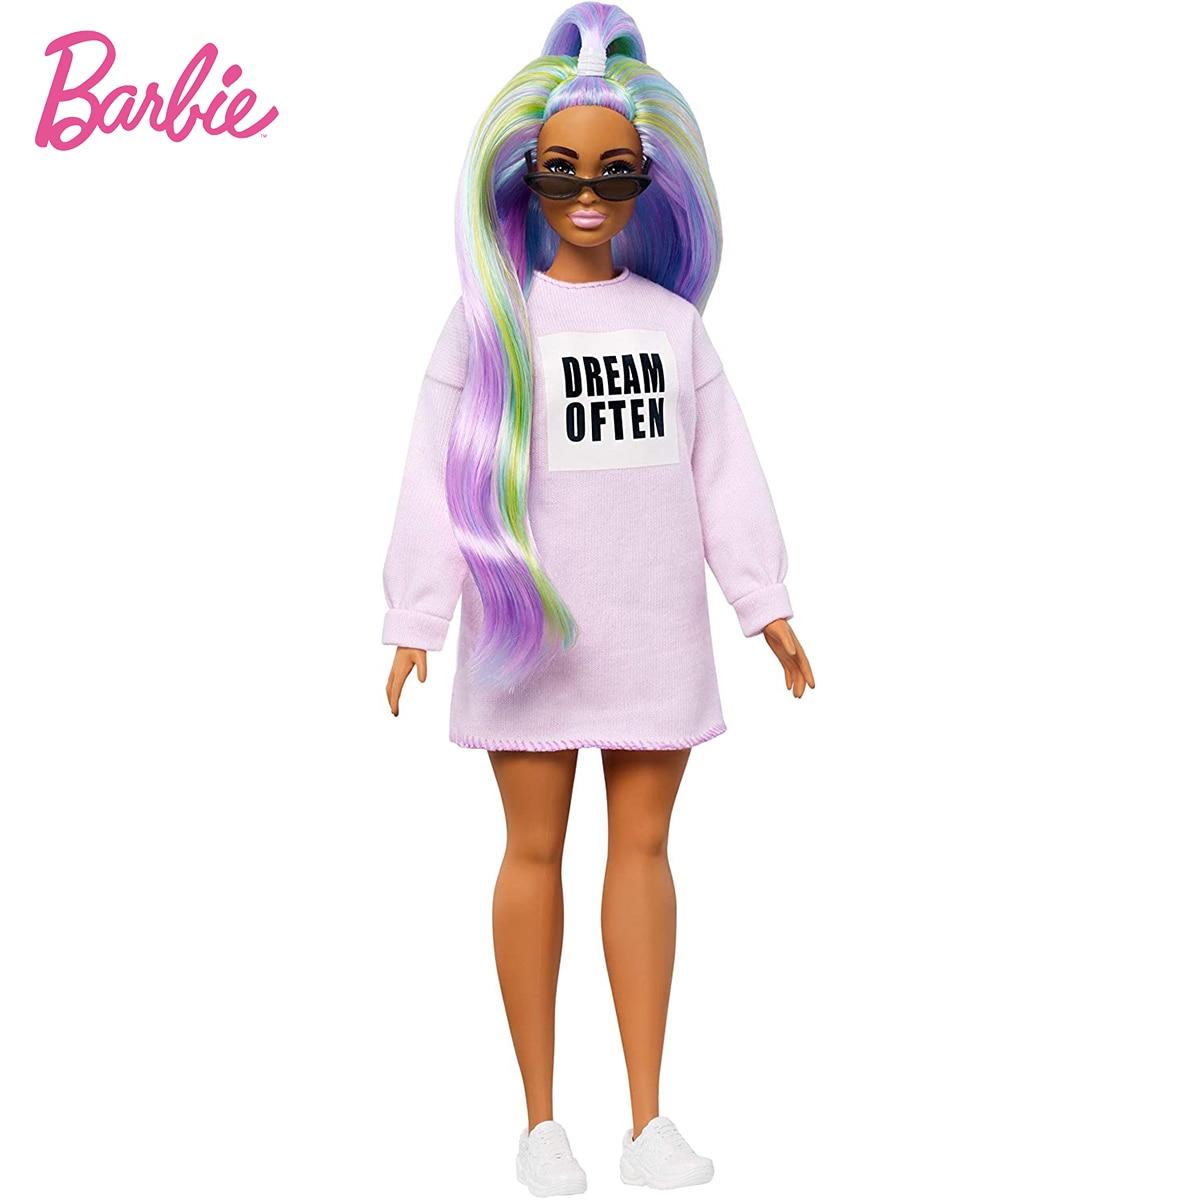 Muñeca Barbie de moda con pelo largo de arcoíris, vestido y accesorios...